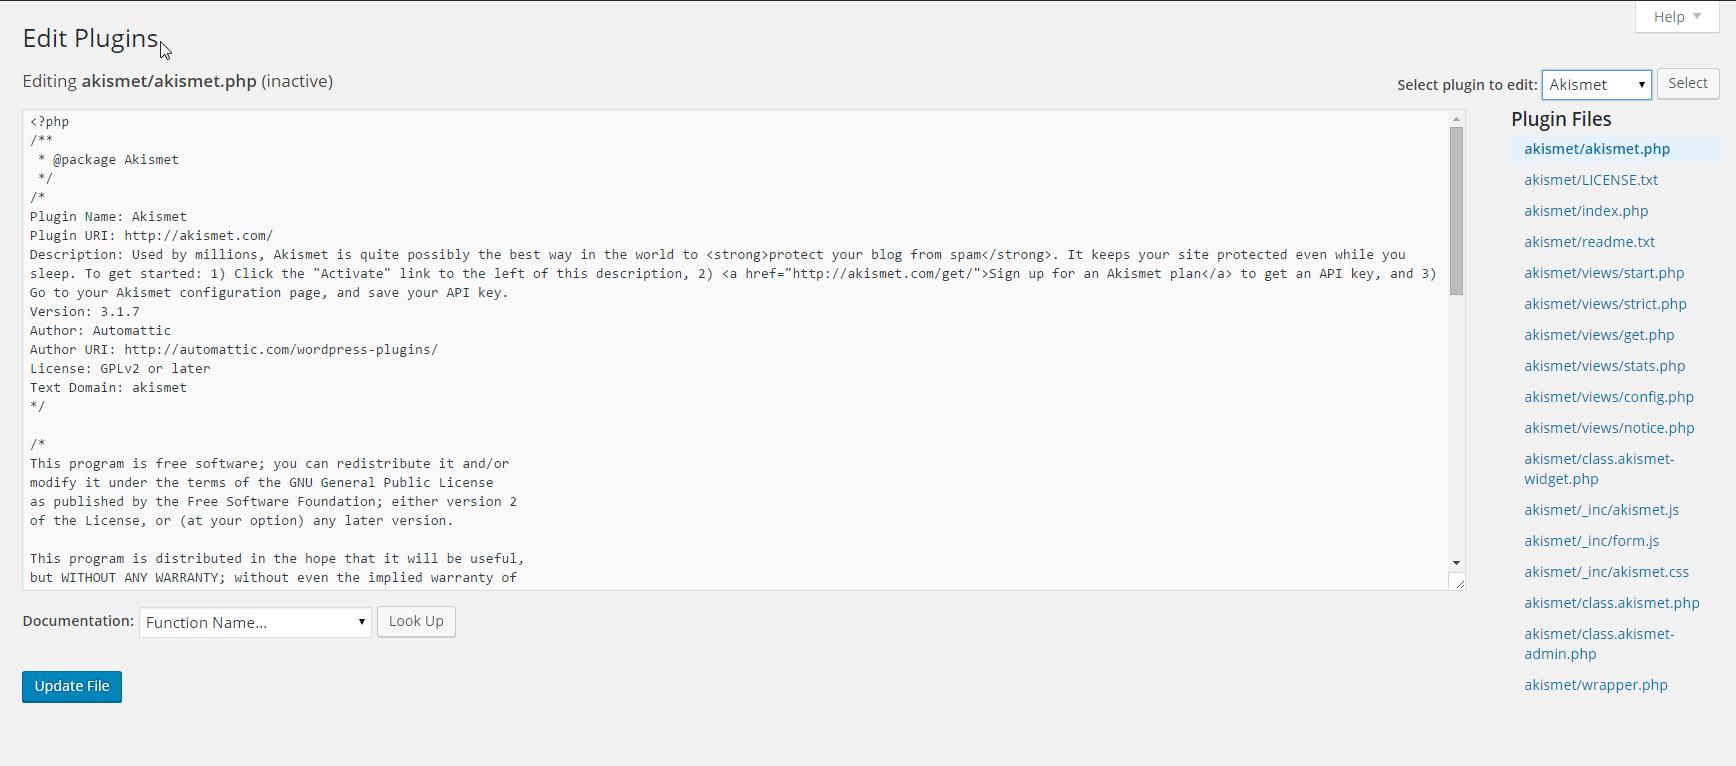 Edit Plugins